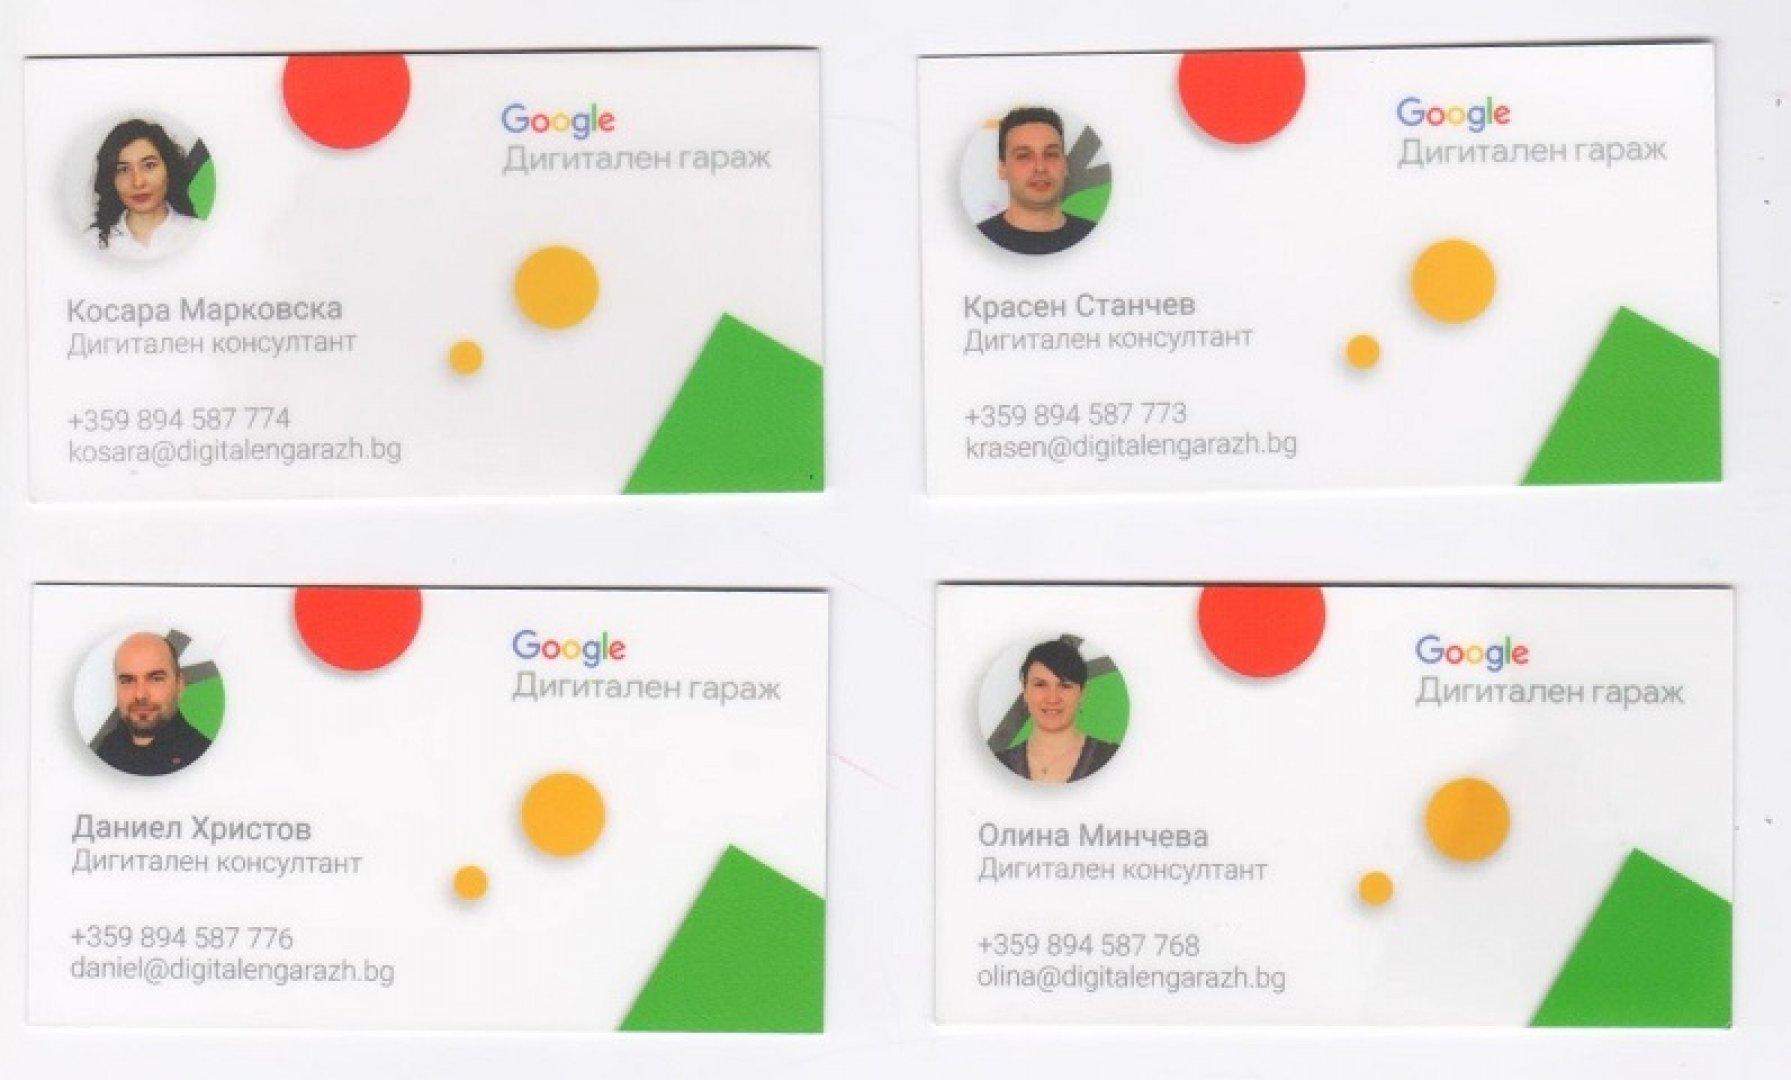 Google Дигитален гараж